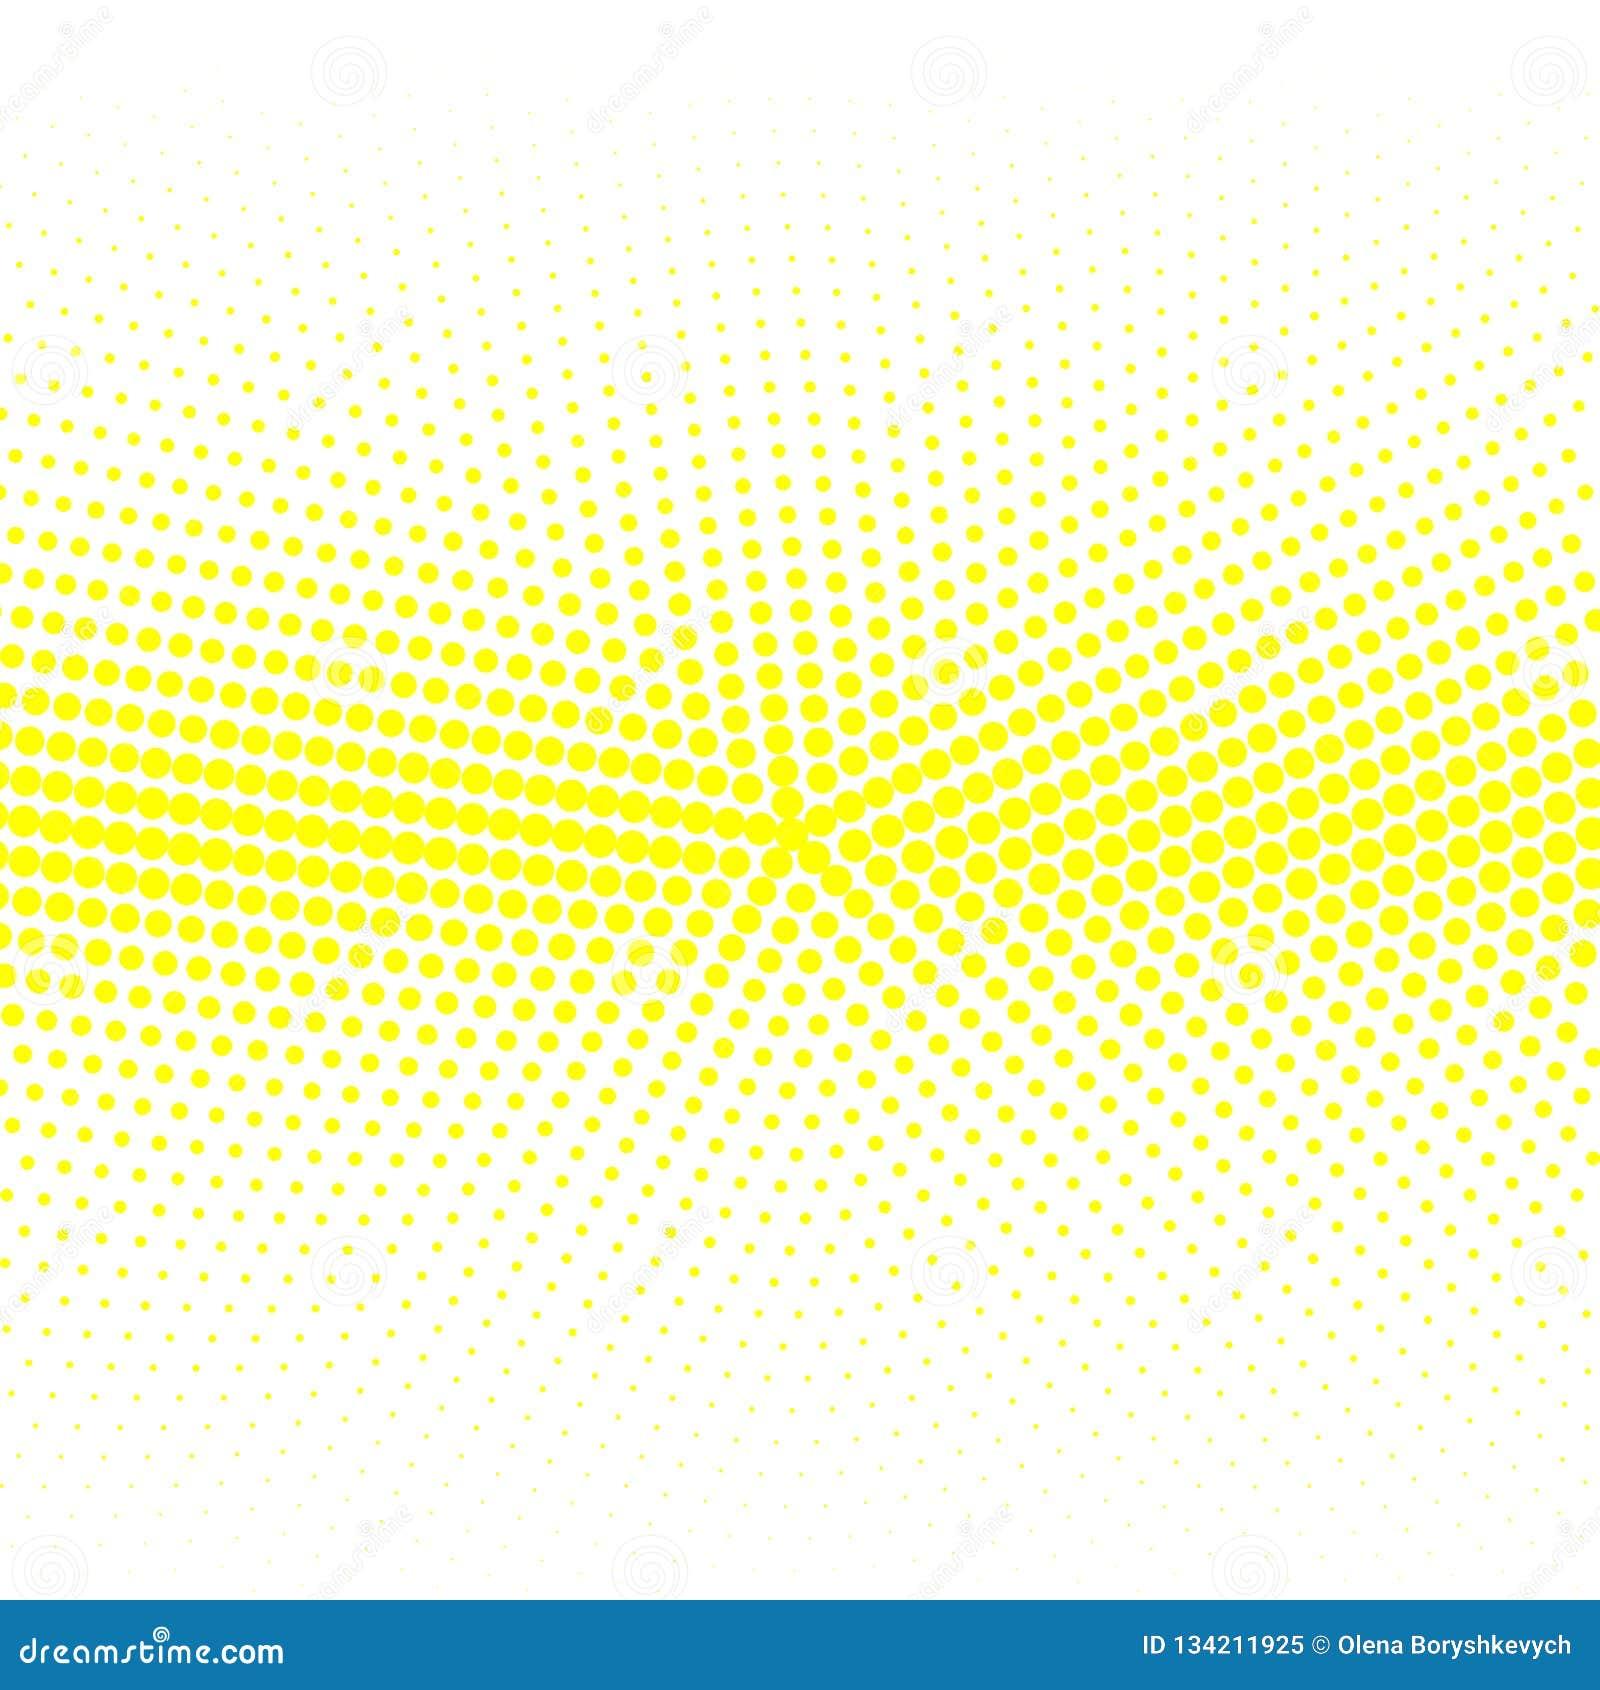 Le fond des points jaunes de différentes tailles ont la densité différente sur le blanc